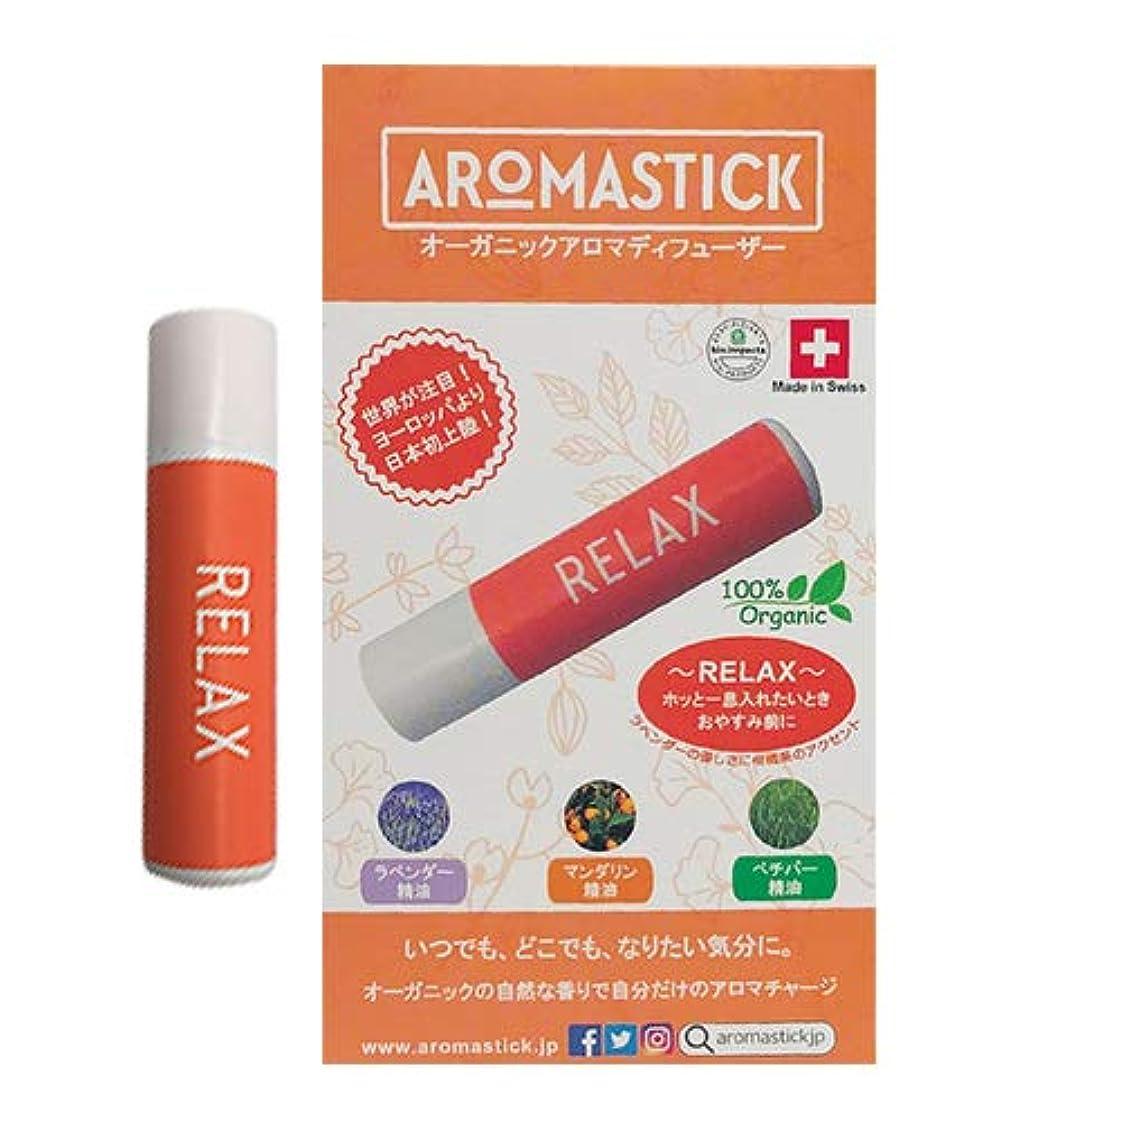 アラビア語サスペンドローンオーガニックアロマディフューザー アロマスティック(aromastick) リラックス [RELAX] ×3個セット